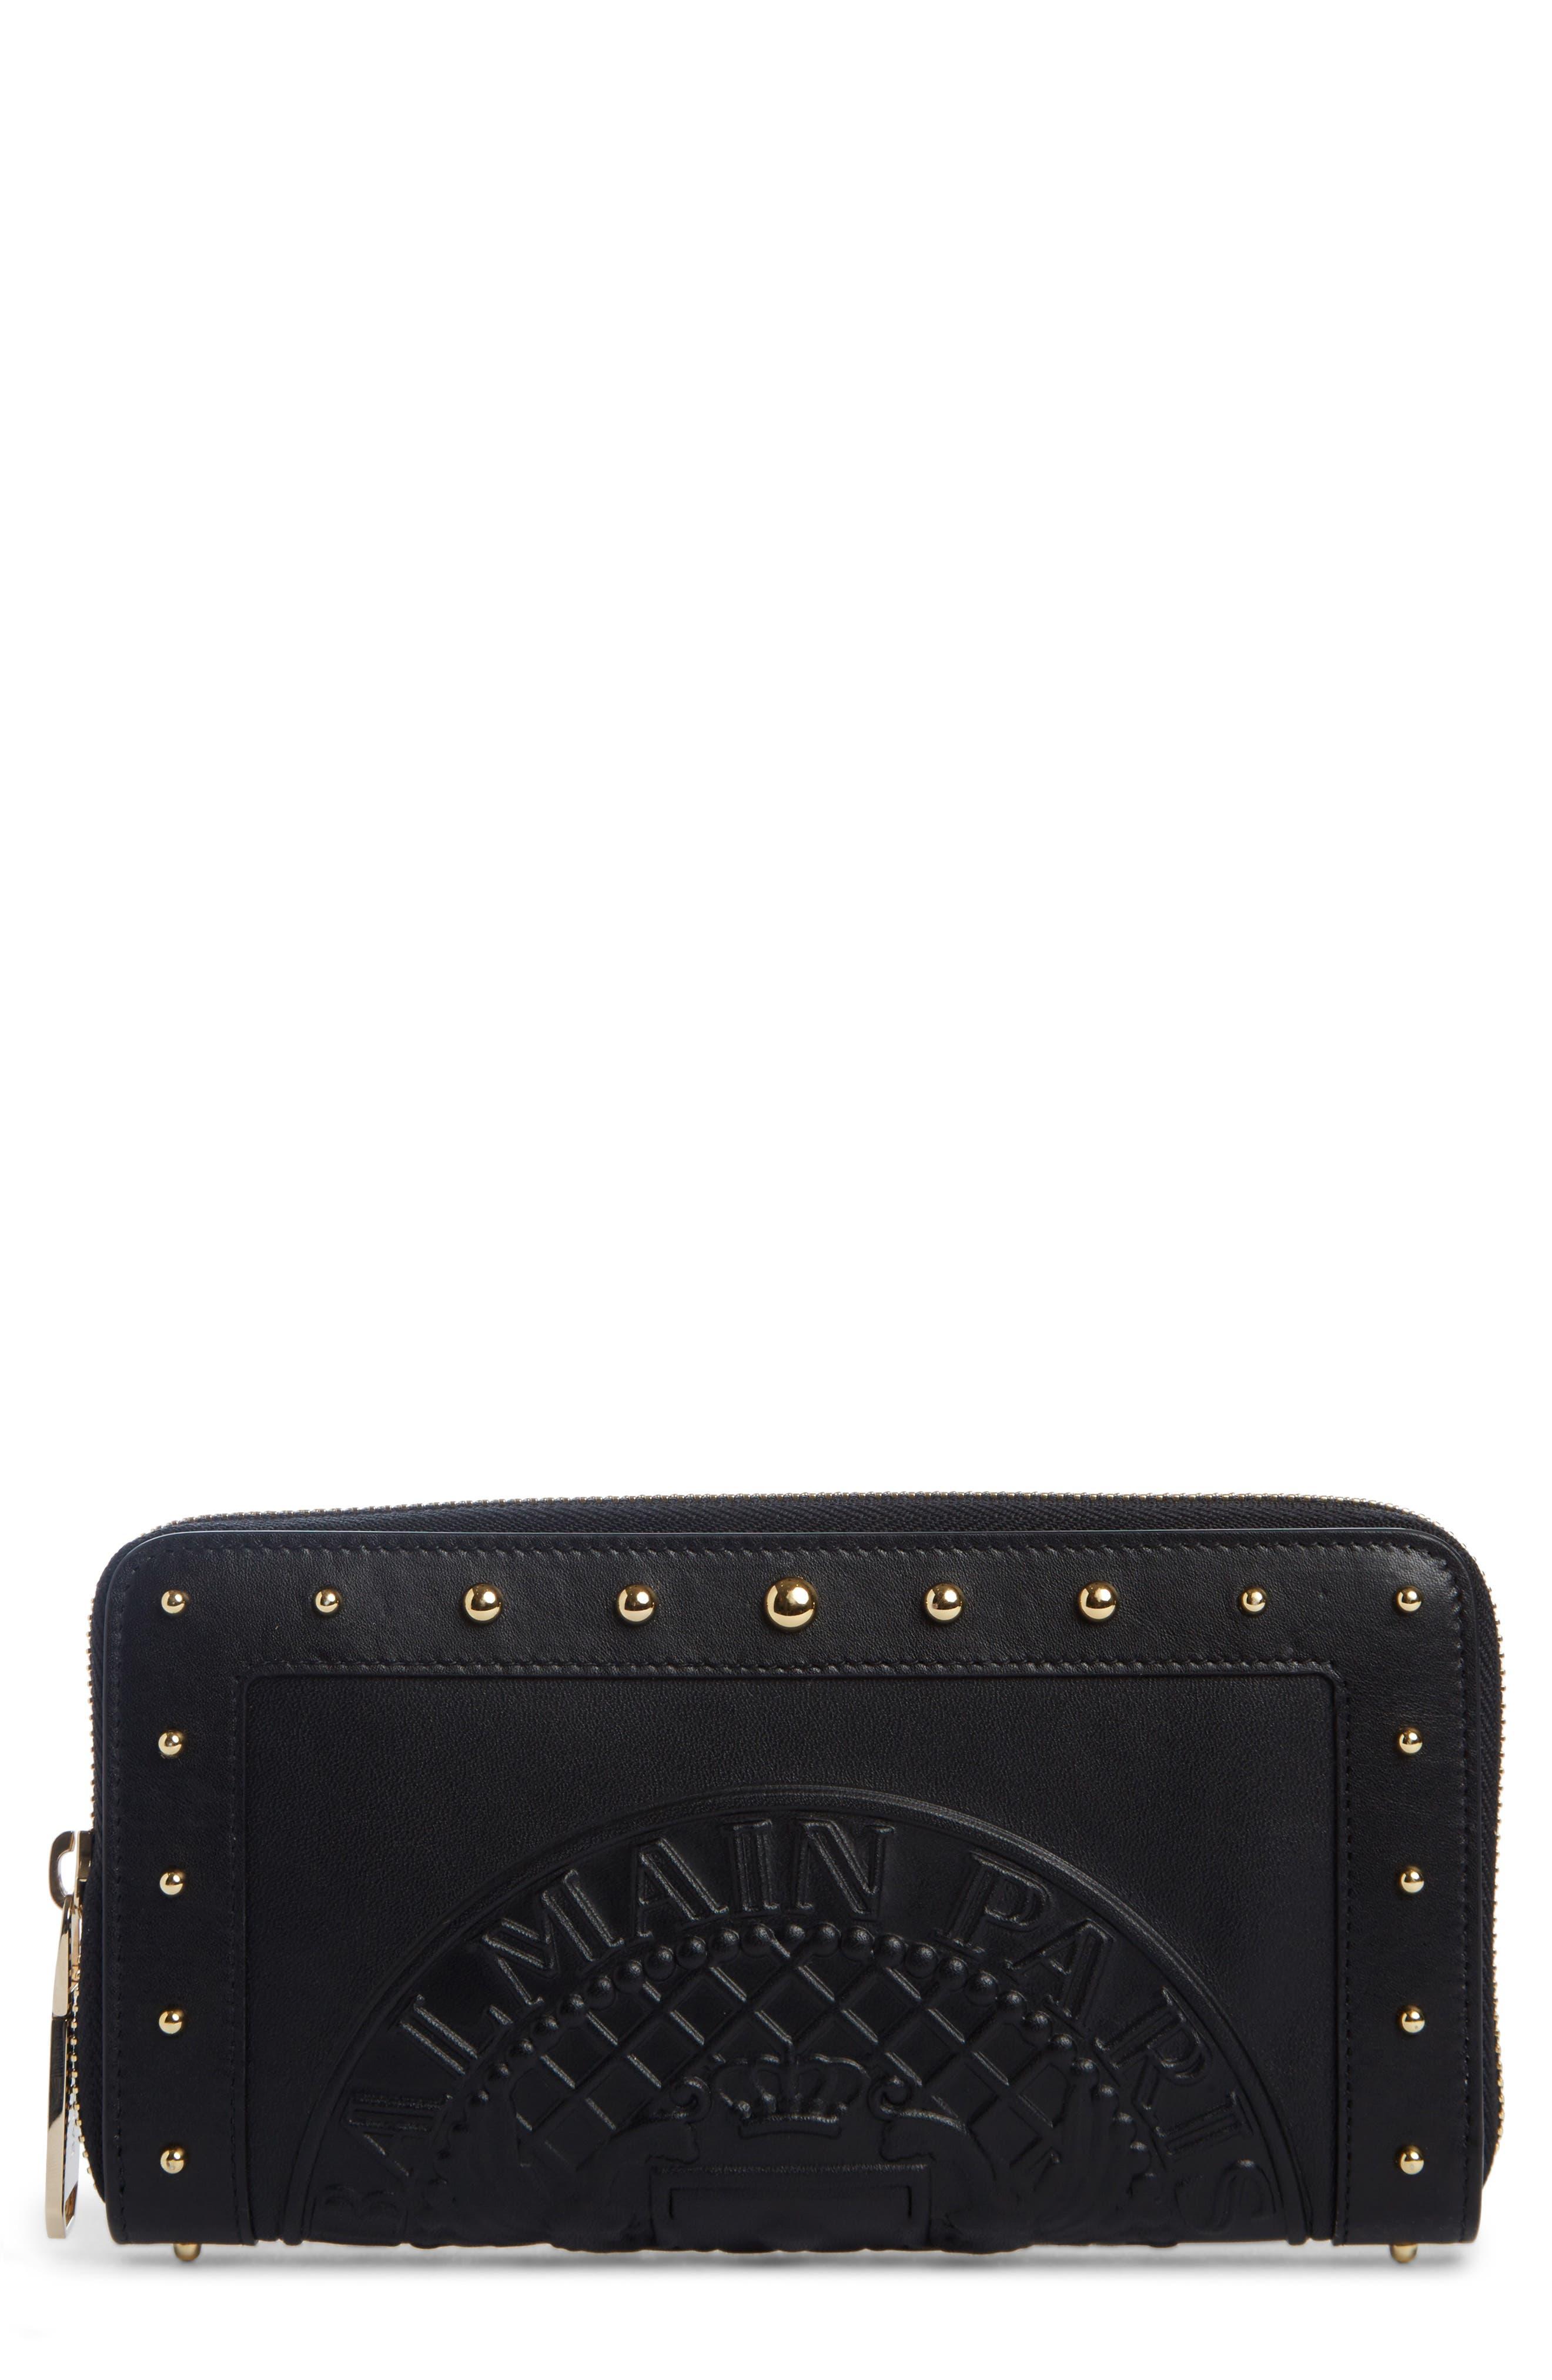 Renaissance Leather Continental Wallet,                             Main thumbnail 1, color,                             NOIR